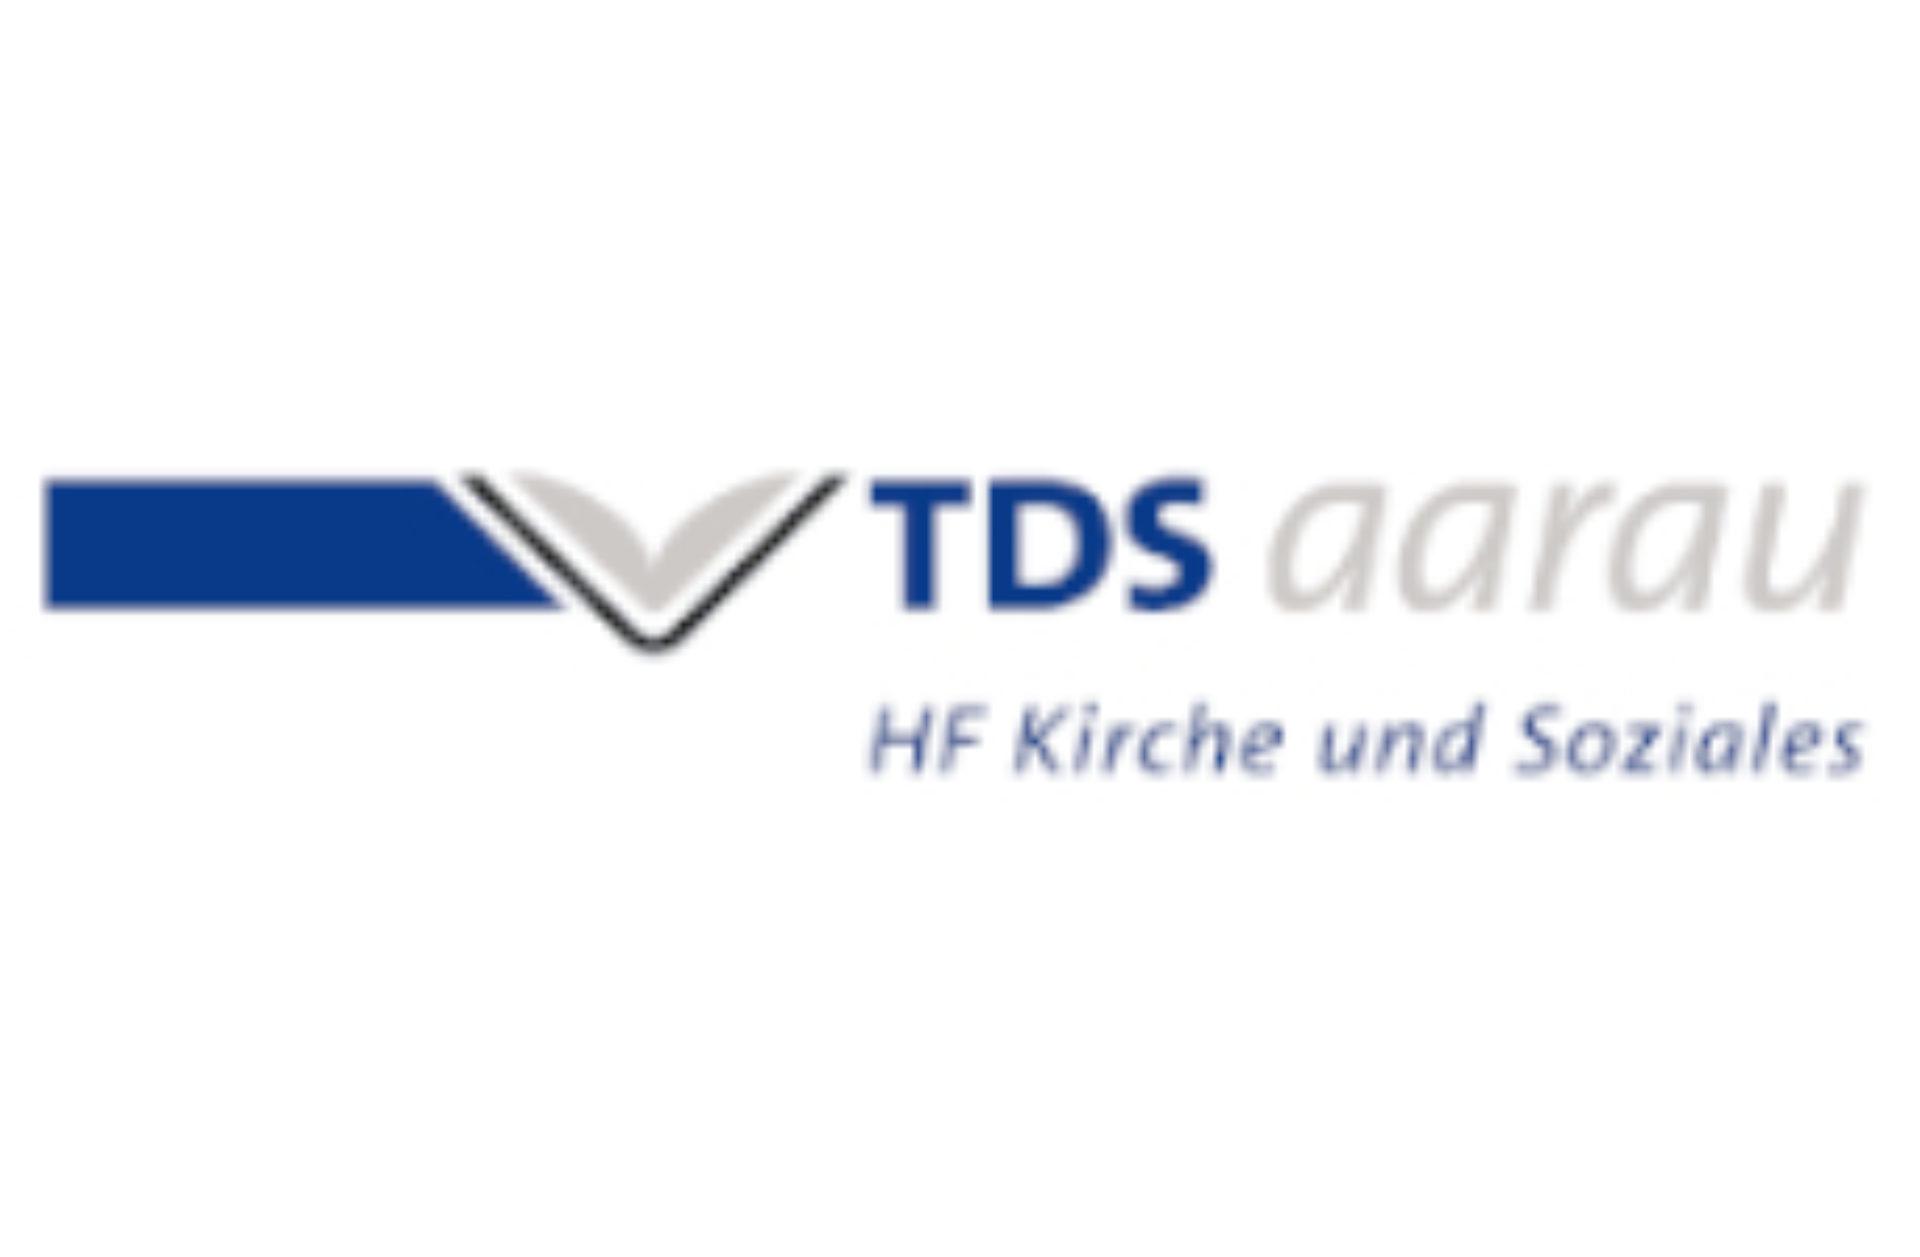 TDS Aarau